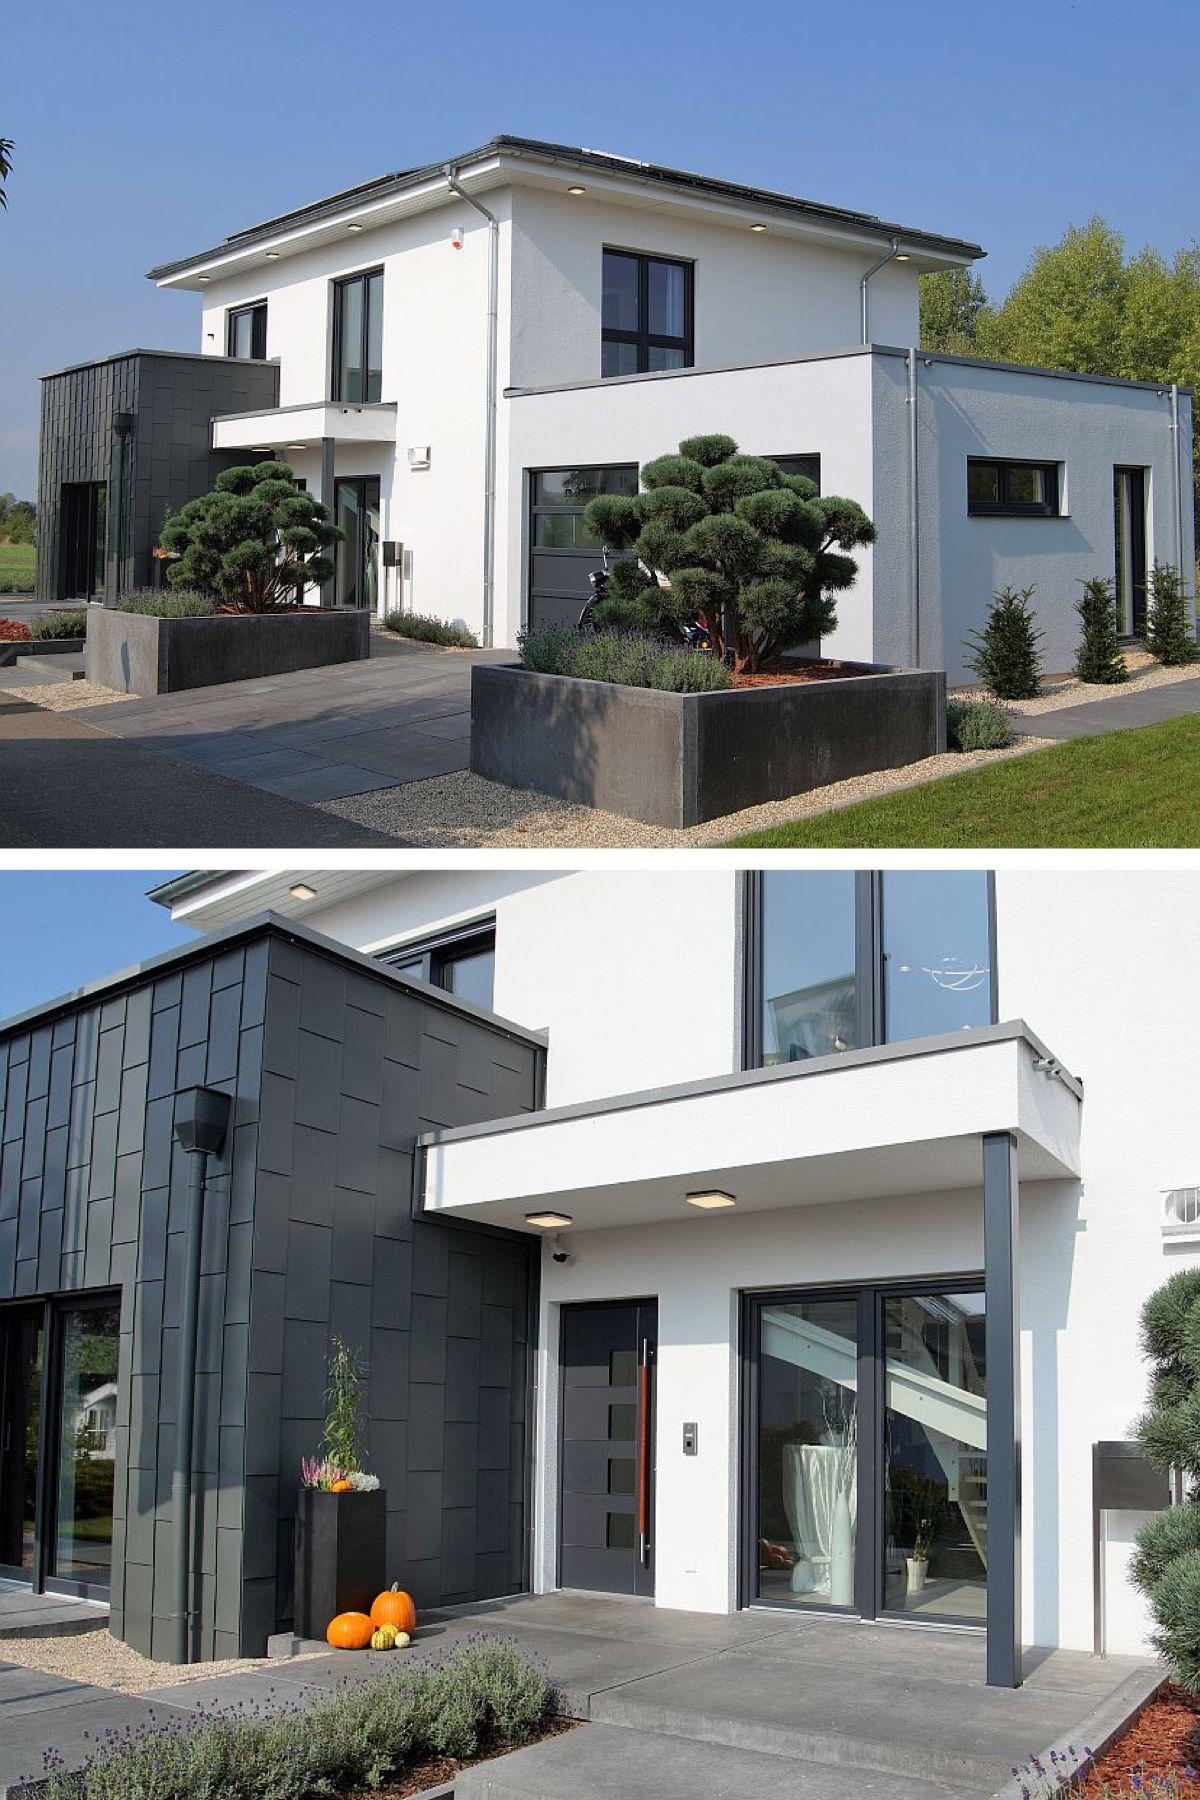 Einfamilienhaus modern mit Garage, Büro Anbau & Walmdach